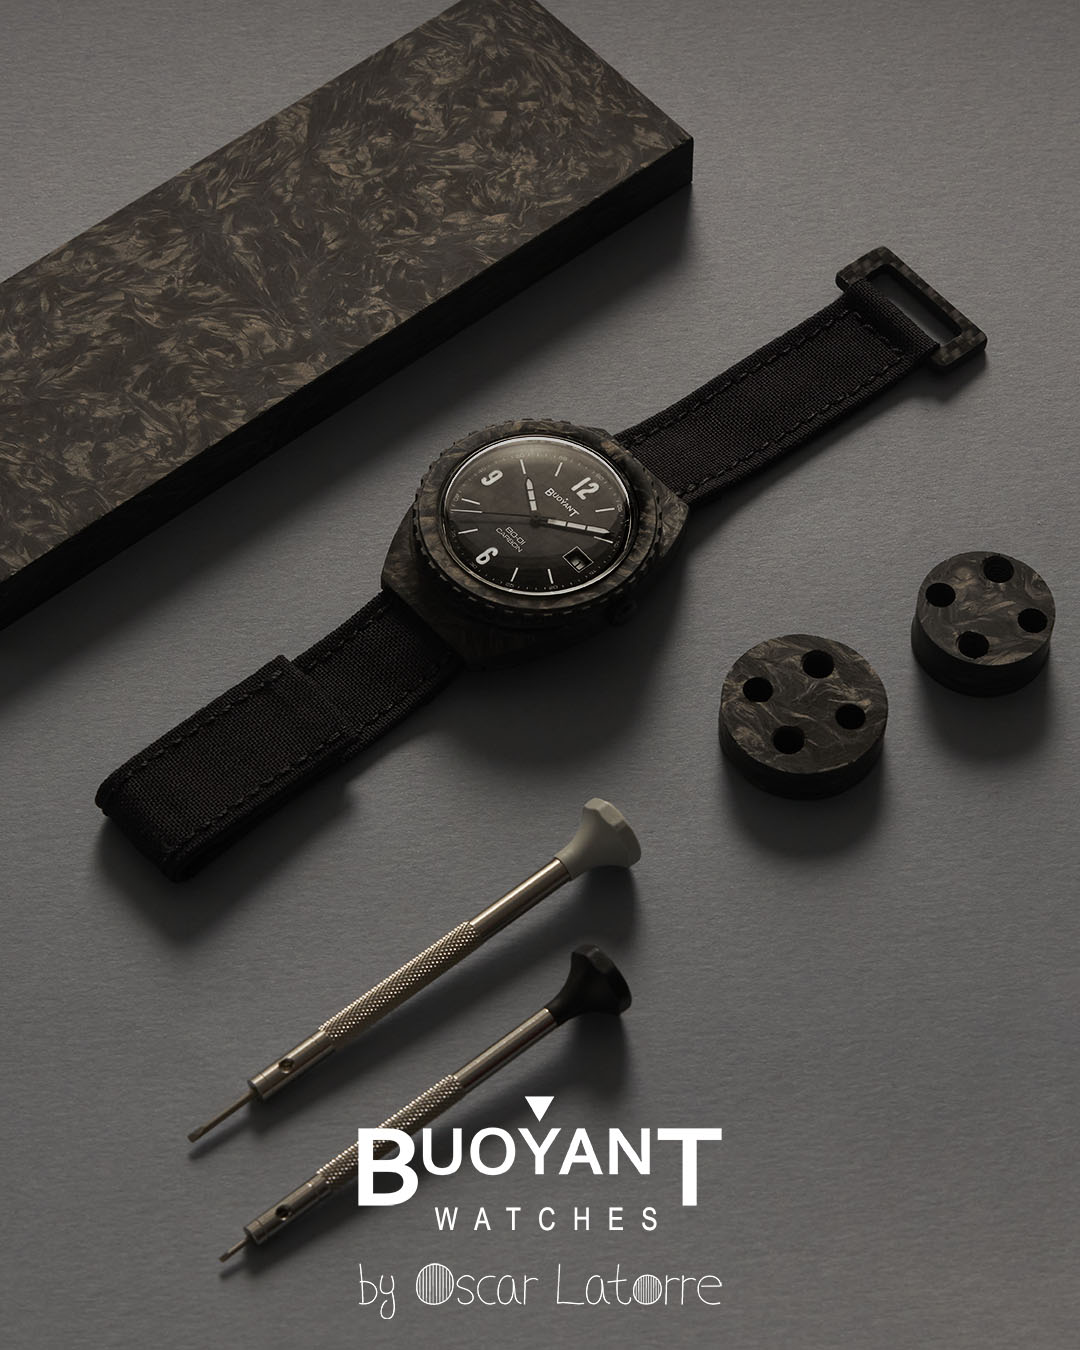 Buoyant by Oscar Latorre